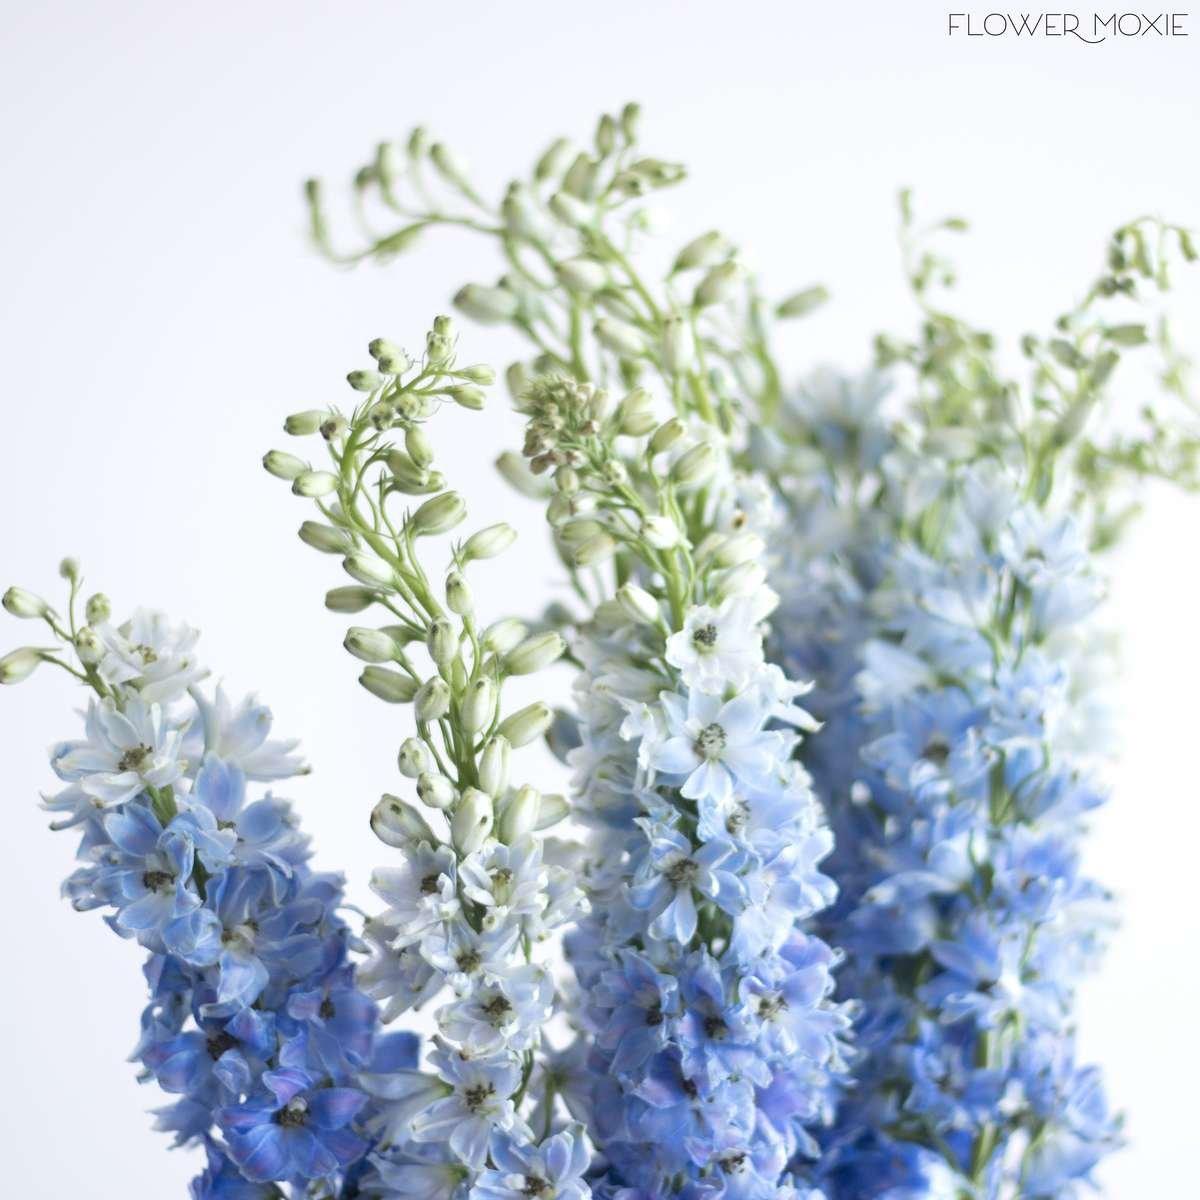 Delphinium Light Blue Flower Moxie